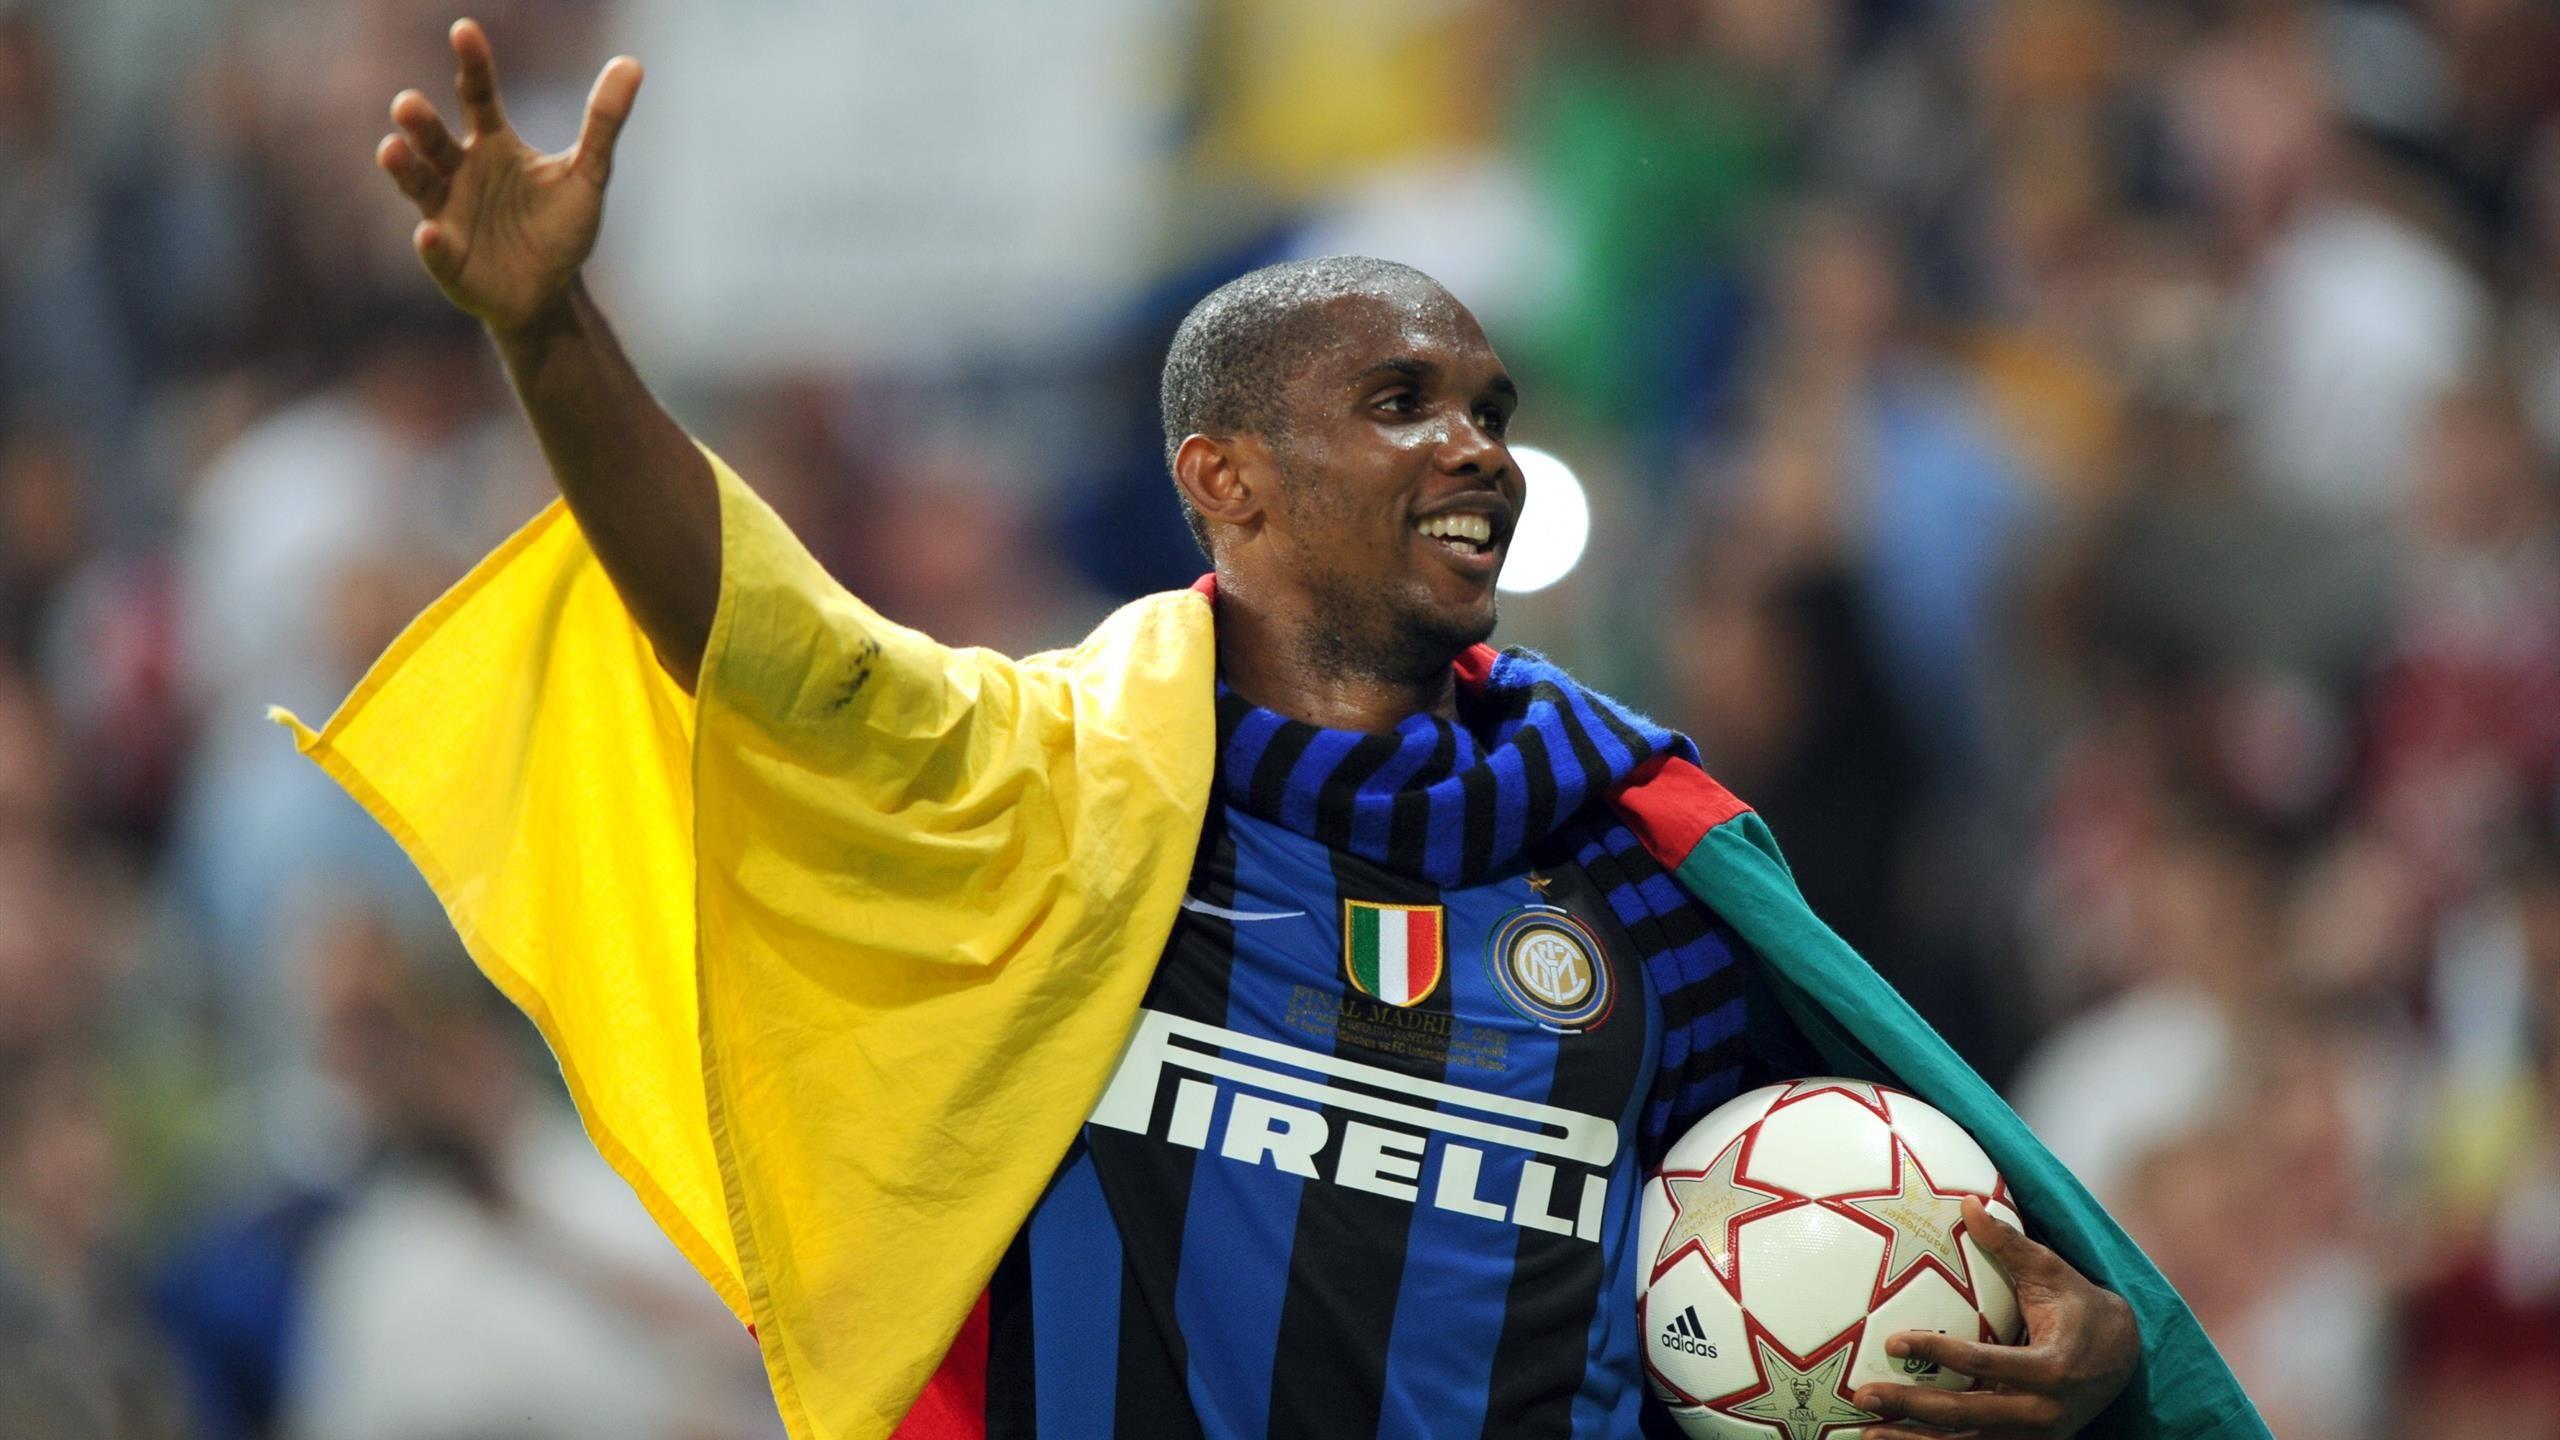 Una sola squadra italiana,l'Inter di Mourinho, e solo un giocatore capace di fare il bis: Samuel Eto'o